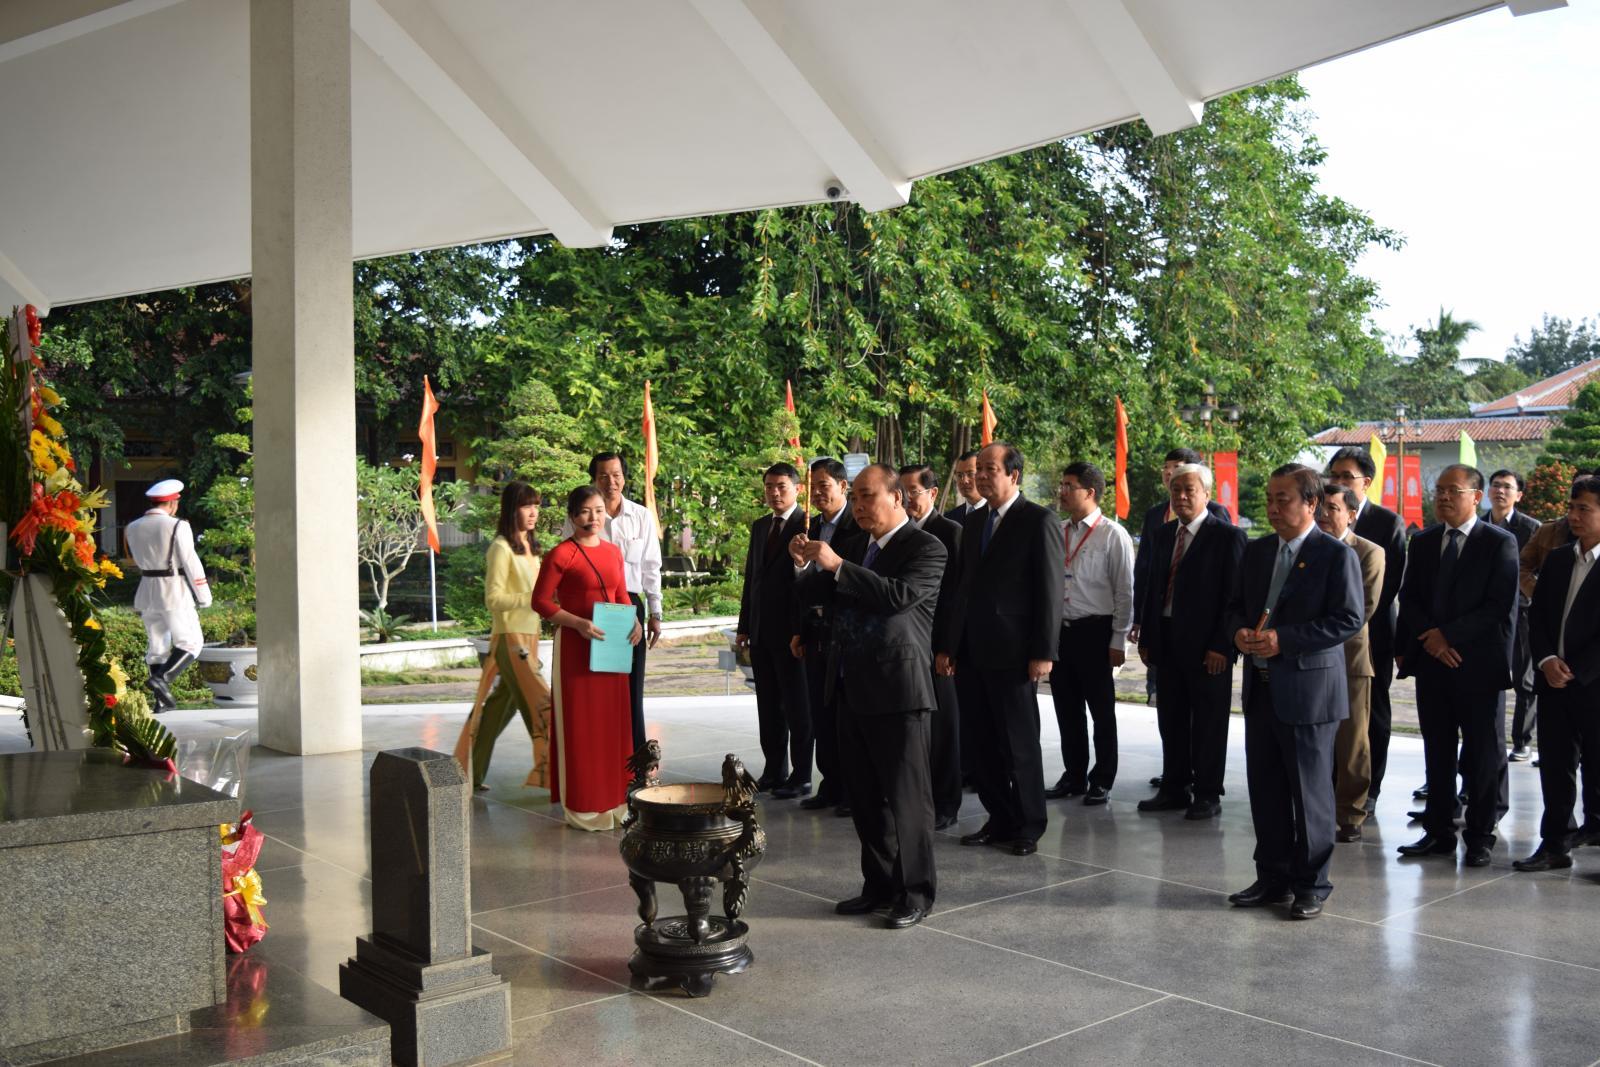 Thủ tướng Chính phủ Nguyễn Xuân Phúc viếng mộ cụ Phó bảng Nguyễn Sinh Sắc